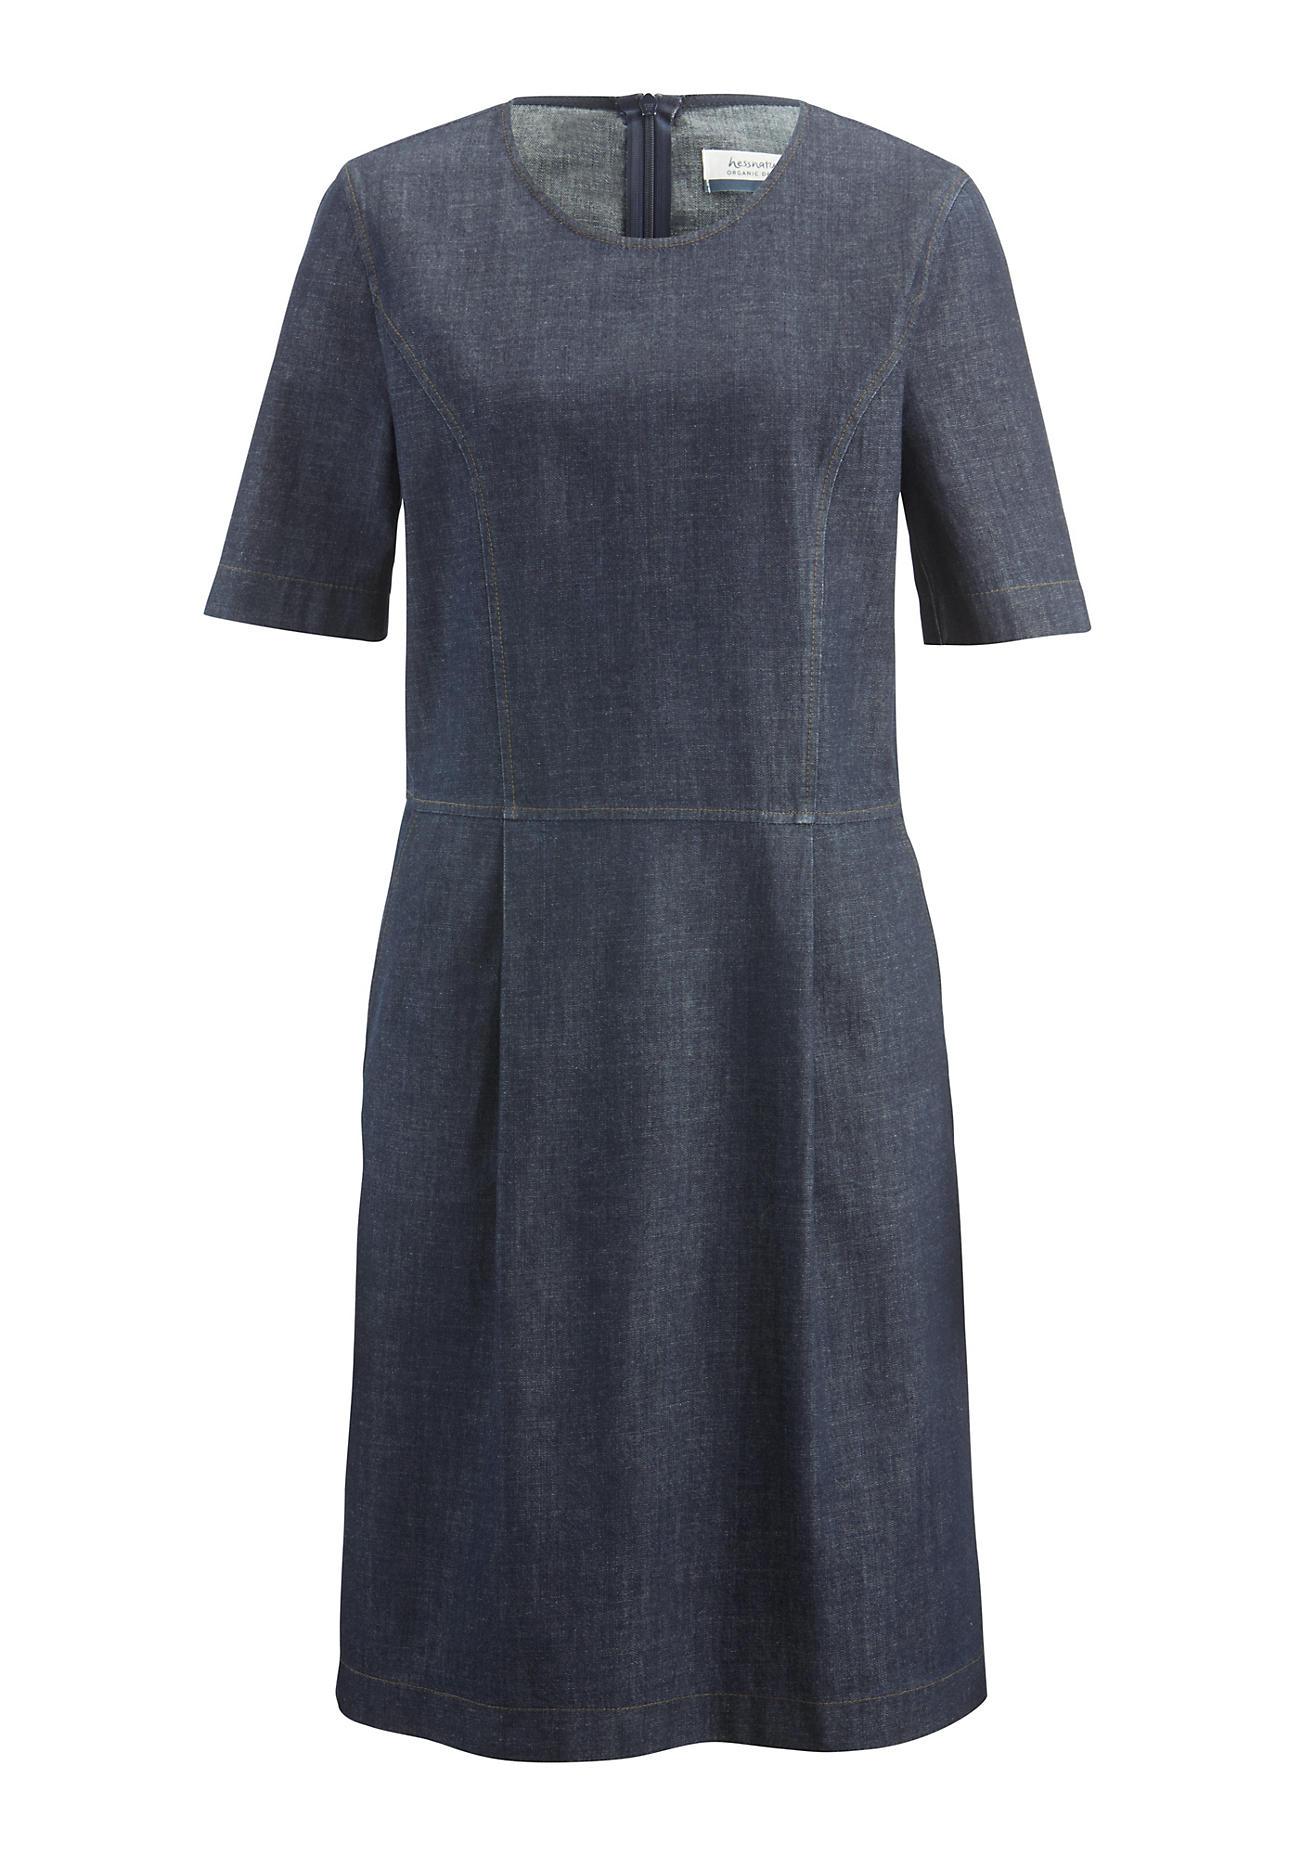 hessnatur Damen Jeanskleid aus Bio-Baumwolle – blau – Größe 38